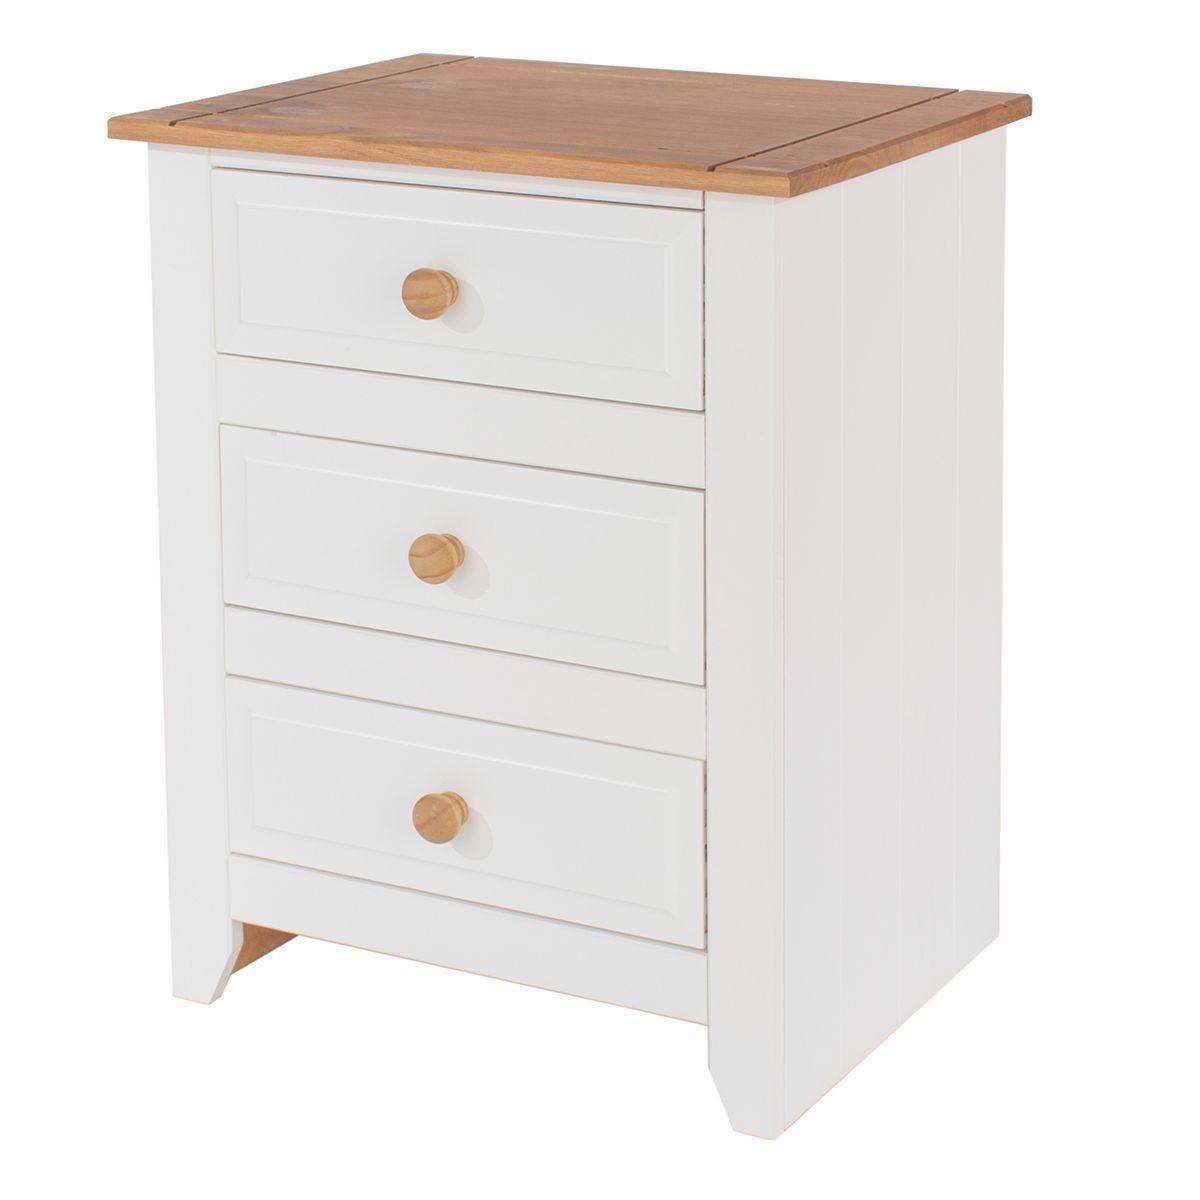 Felka 3 Drawer Bedside Cabinet